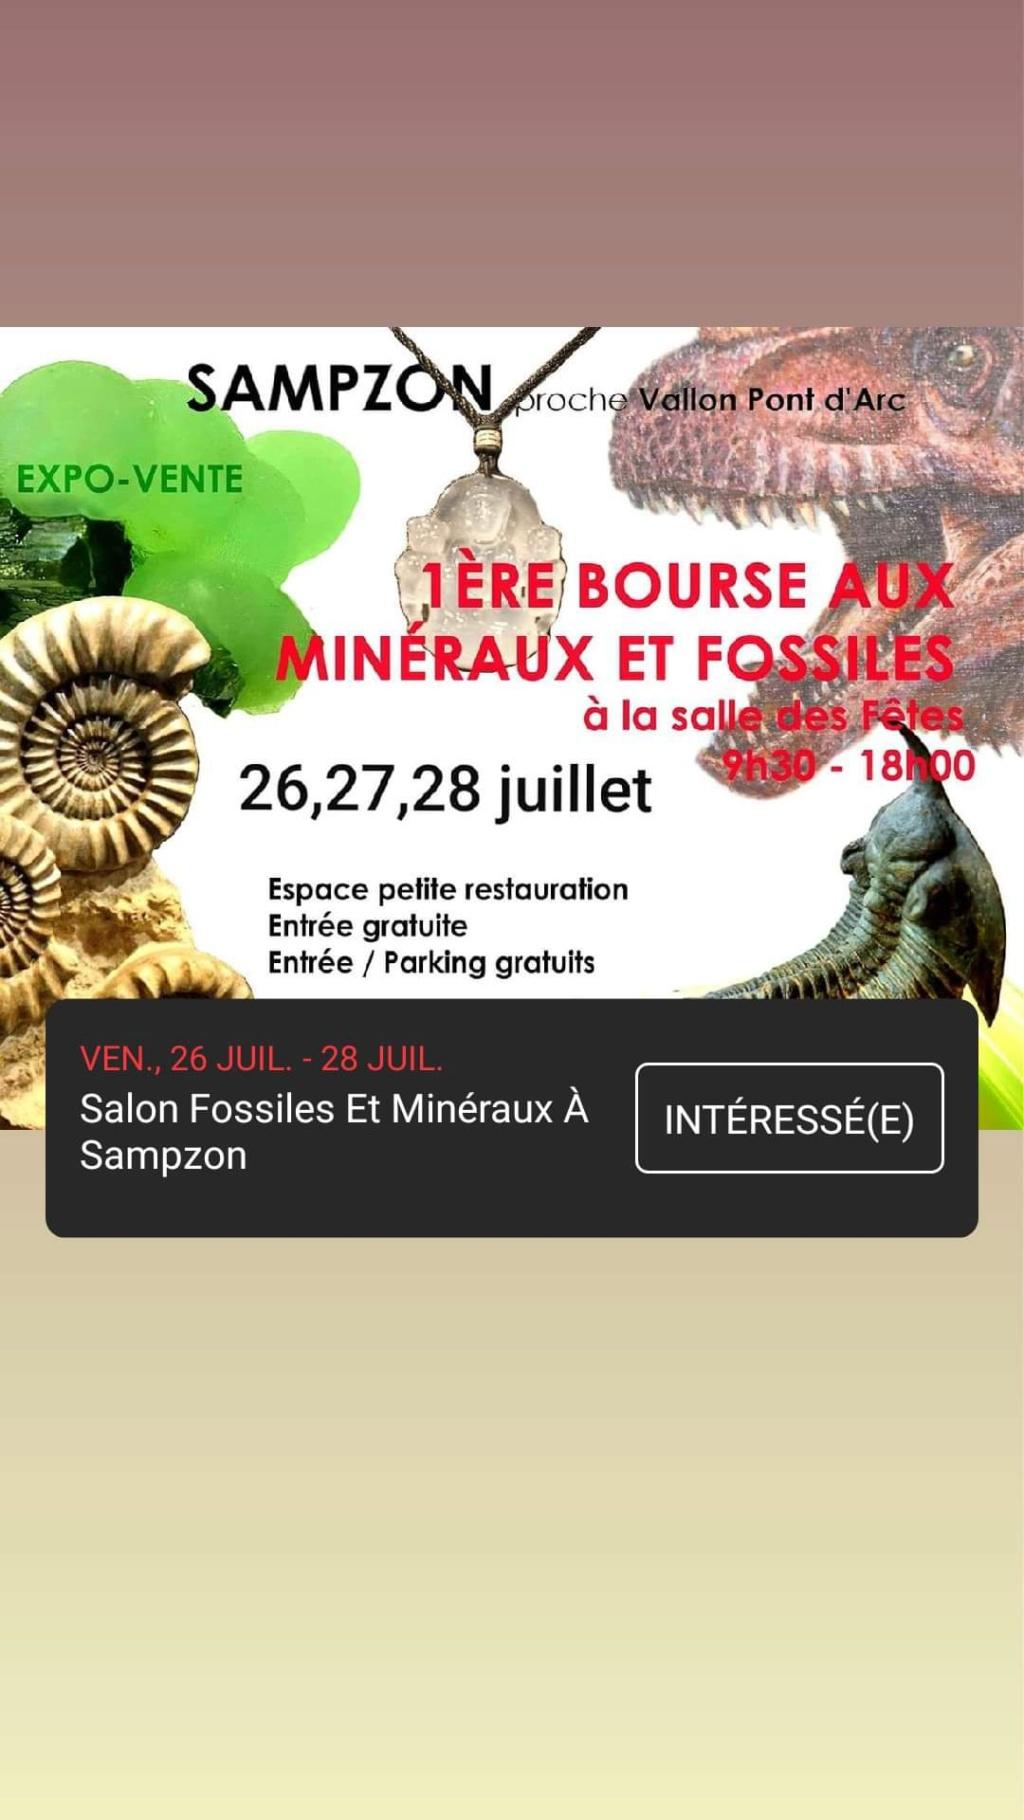 Ferias mes de Julio 2019 Screen23